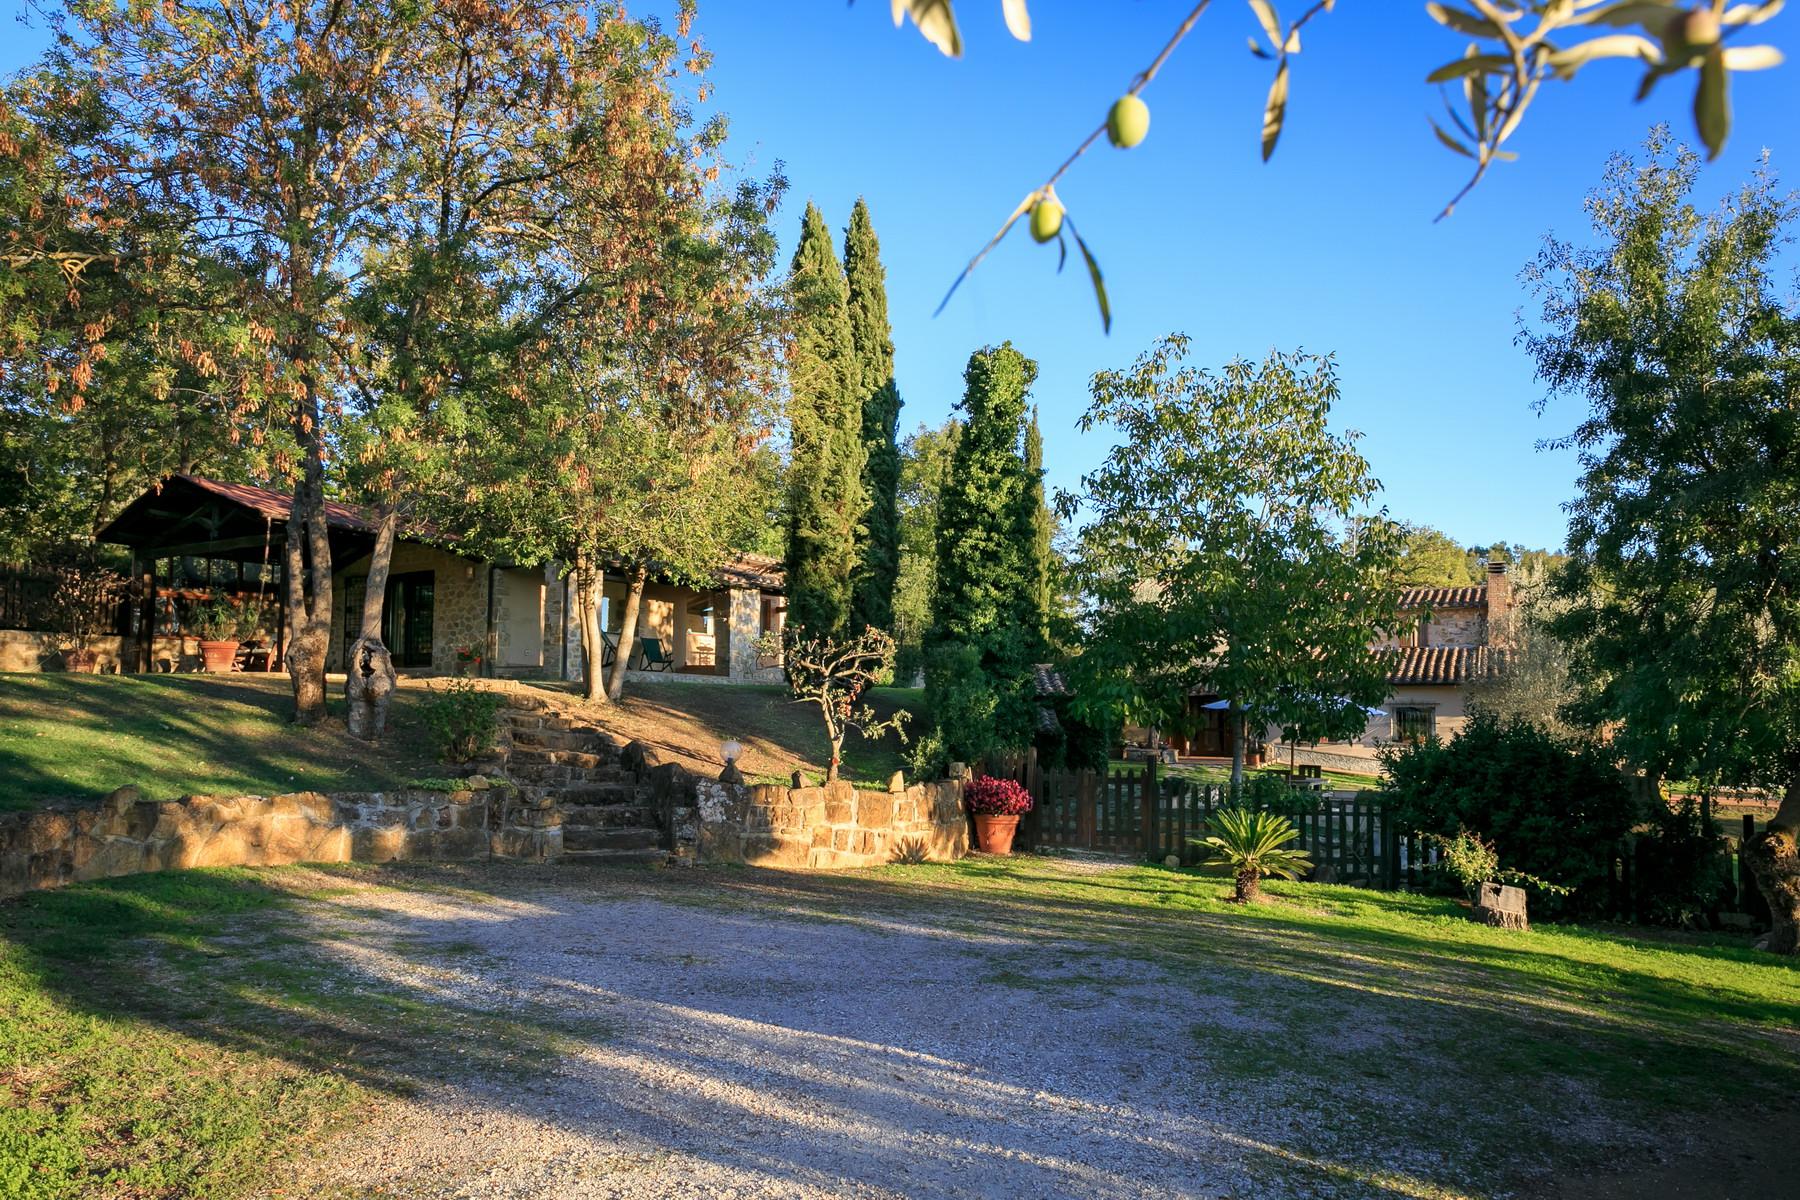 Rustico in Vendita a Manciano: 5 locali, 357 mq - Foto 12